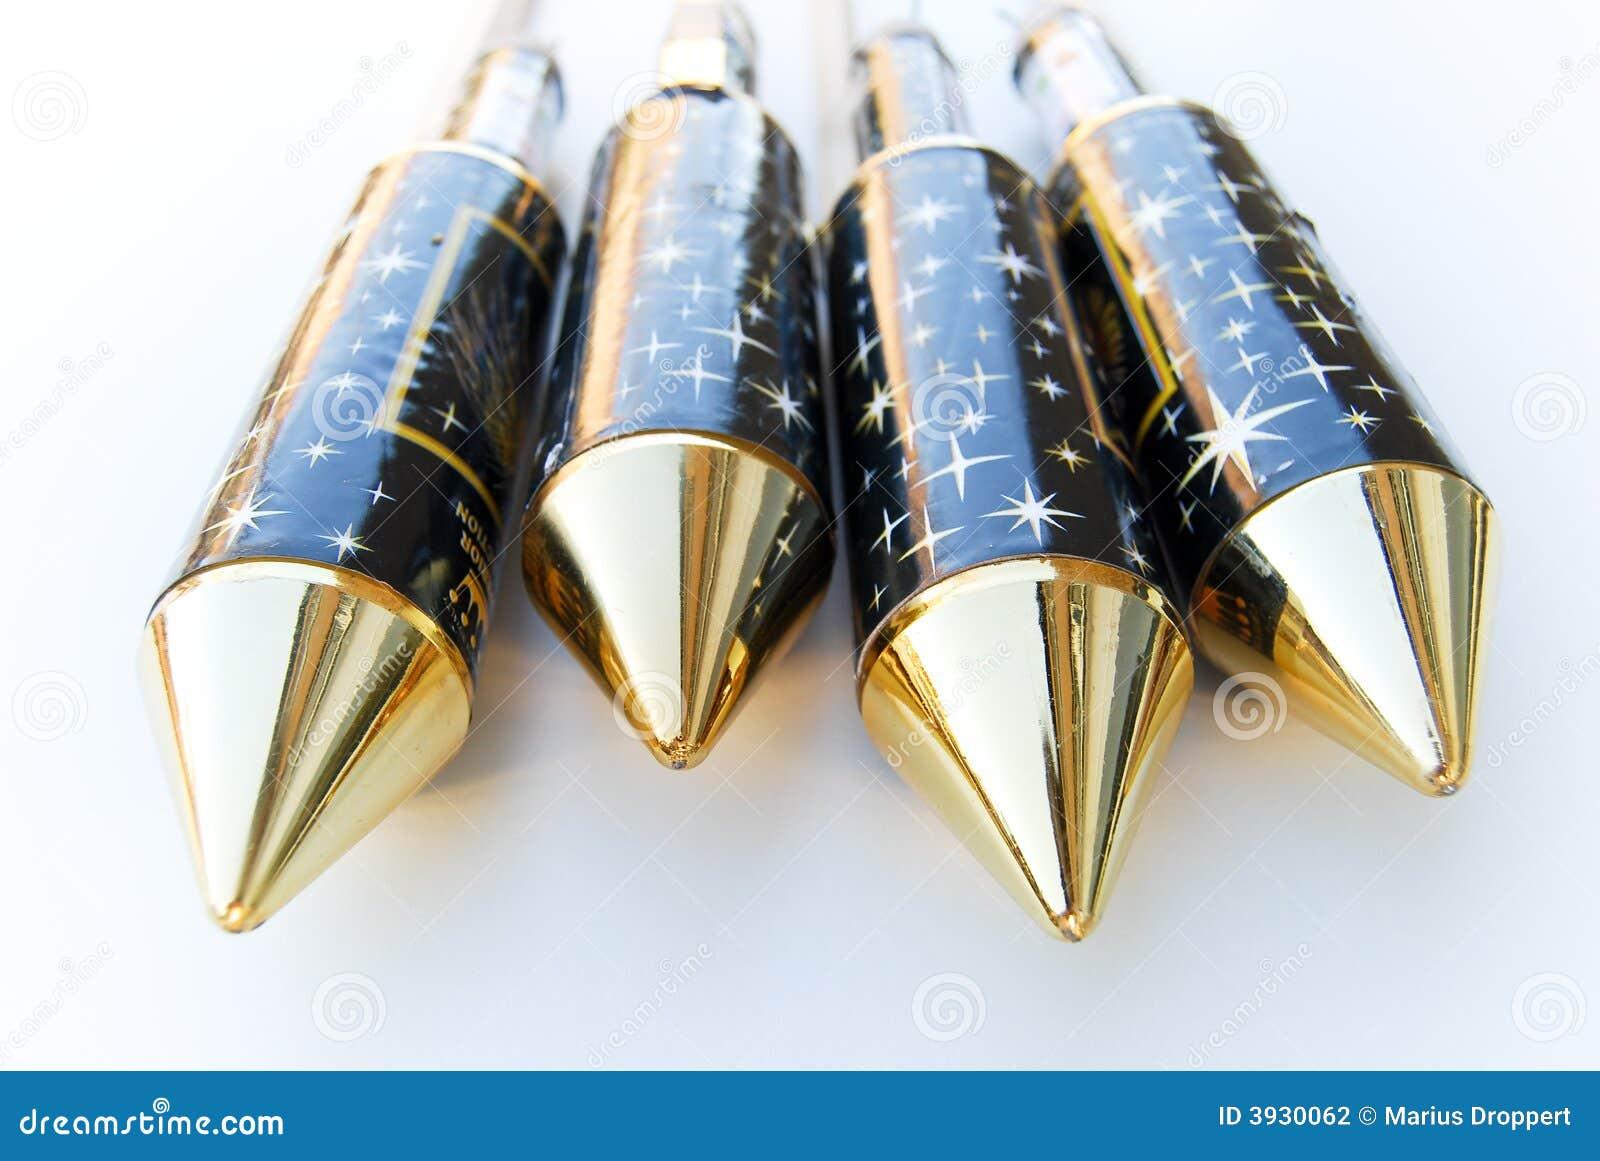 4 rakiet fajerwerk złoty nowy szczyt